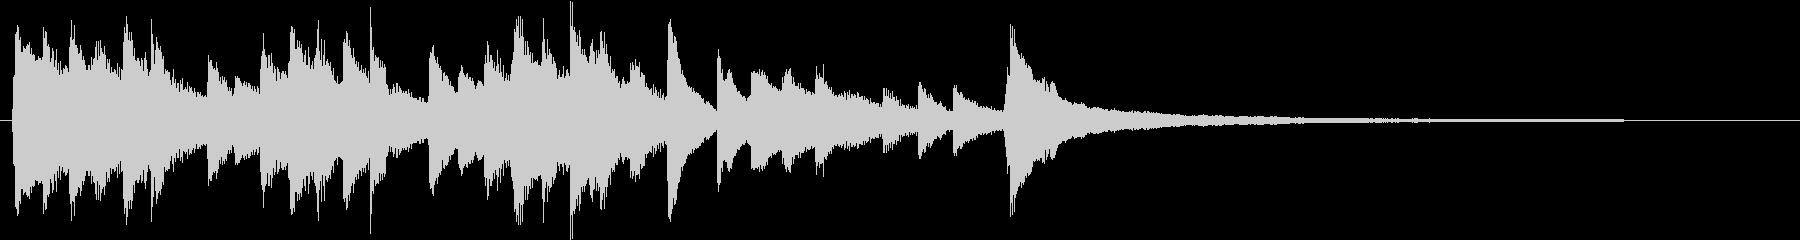 感動・切ない・エモいピアノのサウンドロゴの未再生の波形